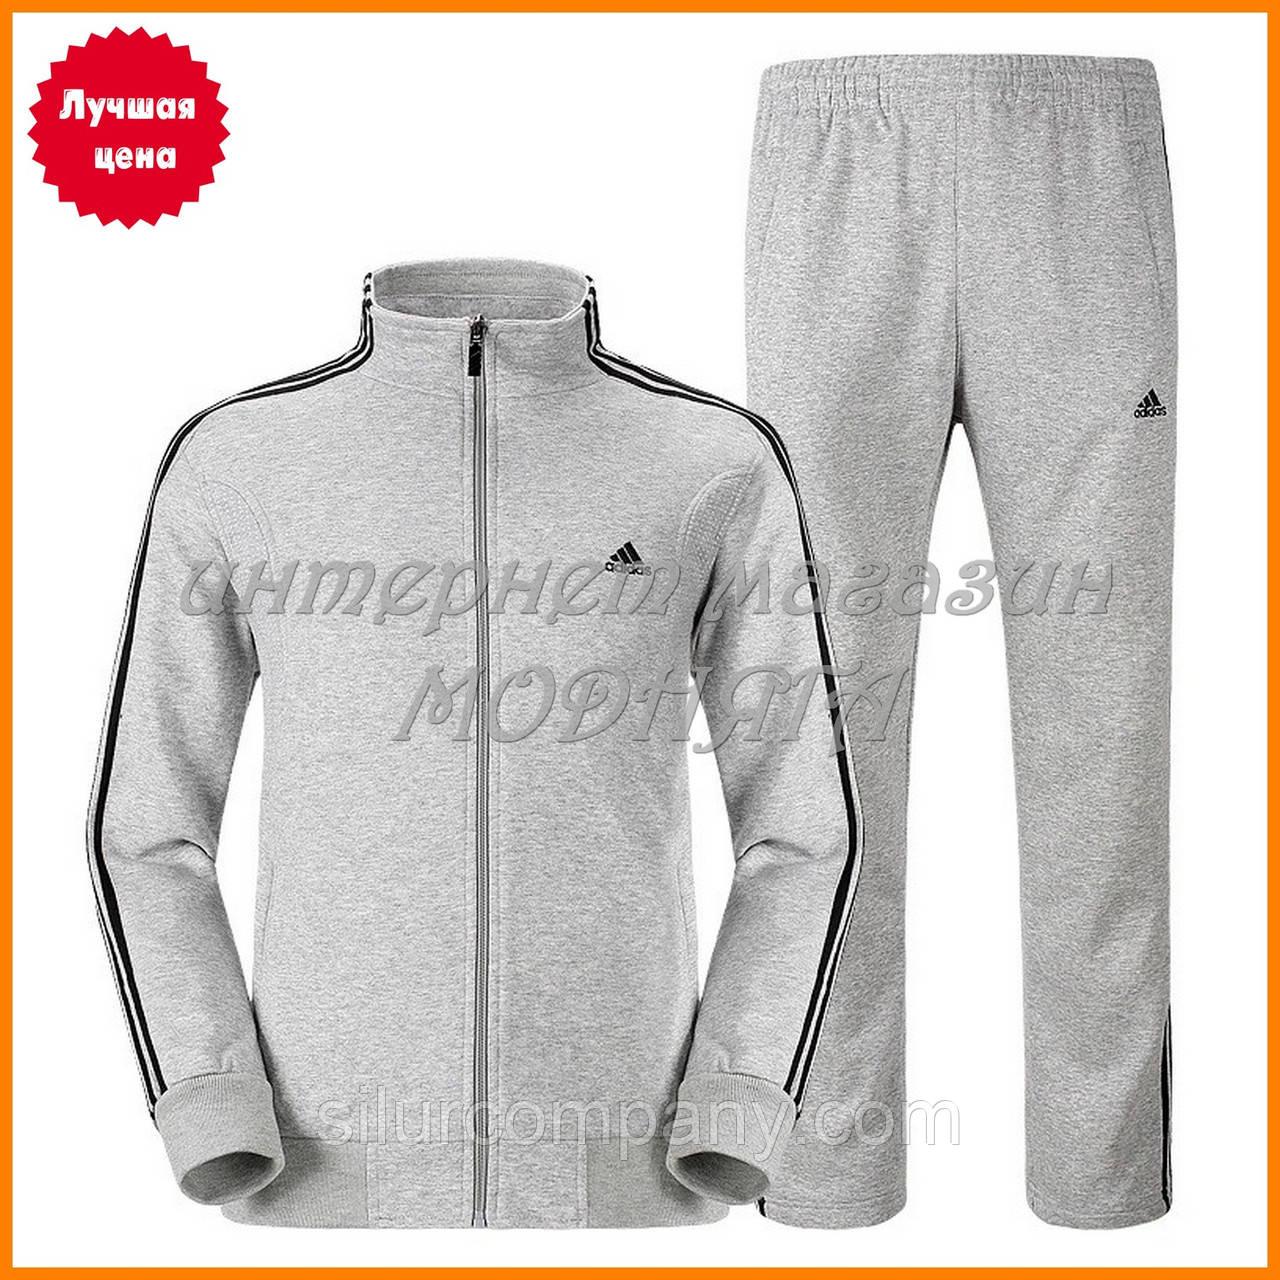 ee6b008a Спортивный костюм Adidas для мальчика - Интернет магазин